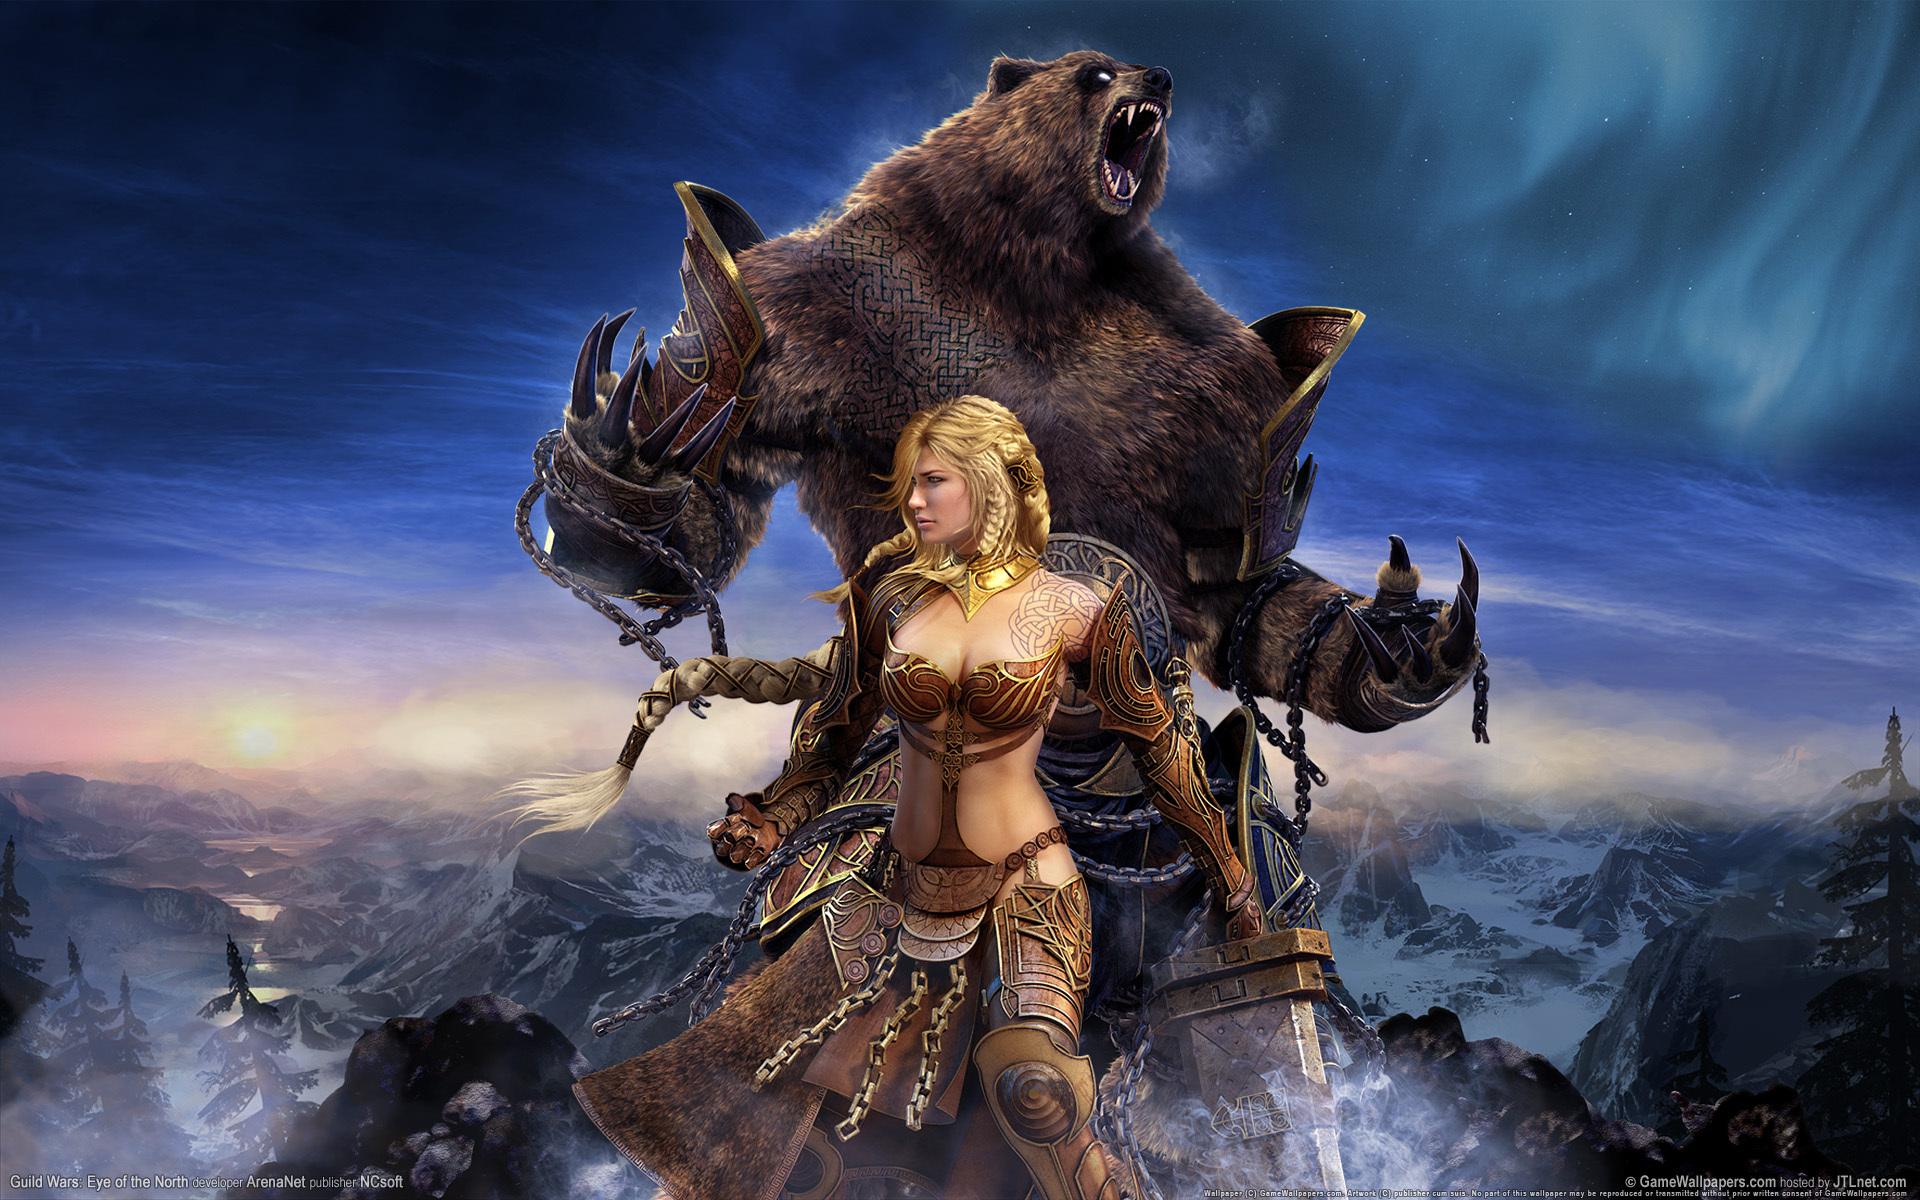 героиня фото картинки высокого качества и разрешения фэнтези воительницы решает, кому